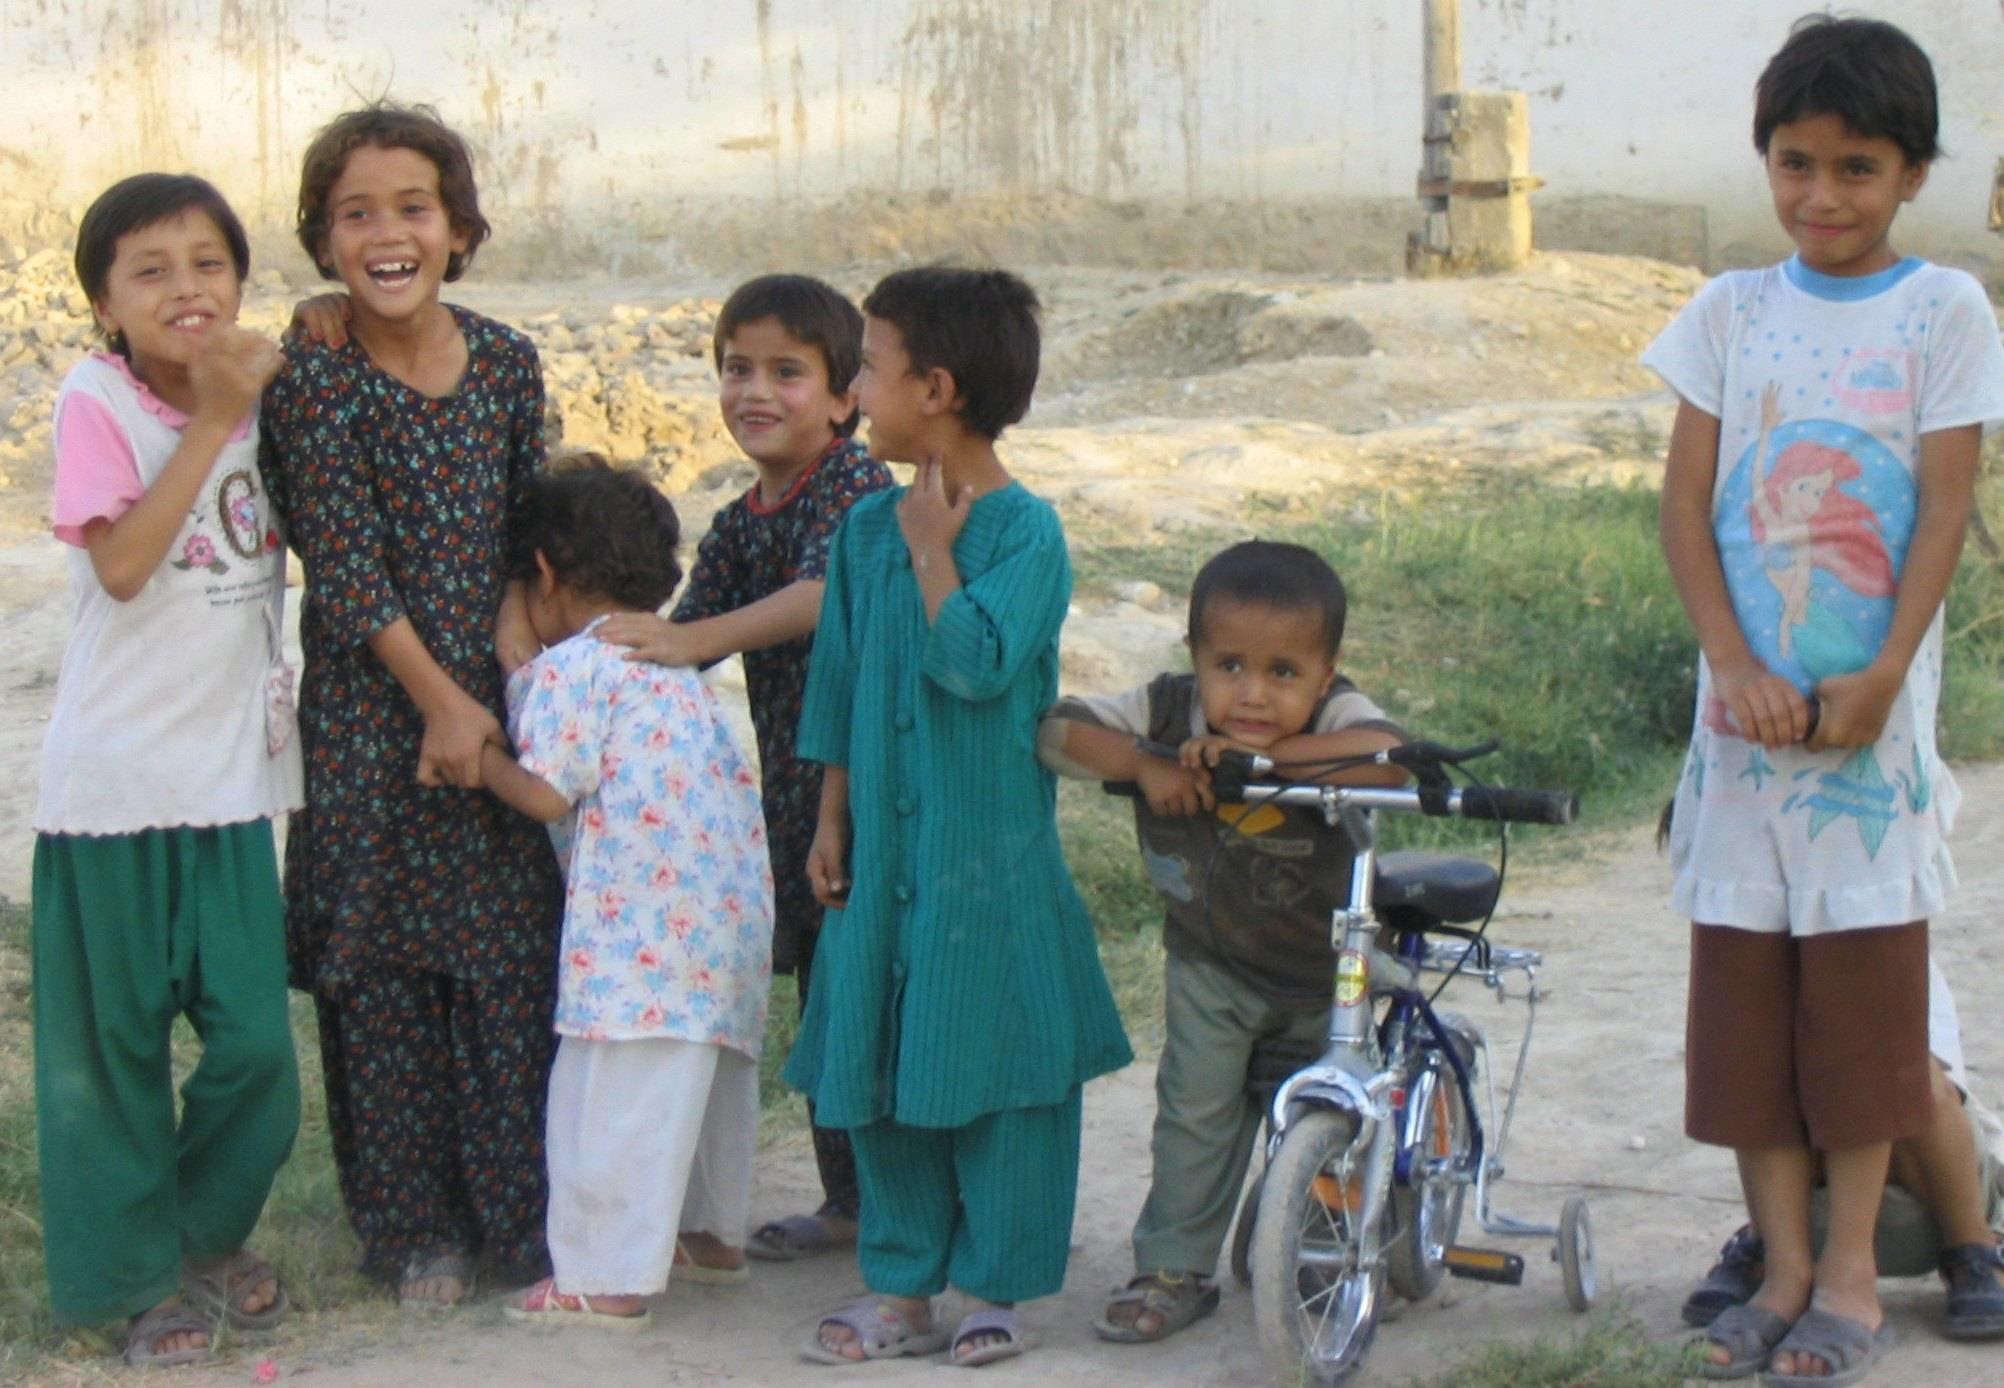 Happy-kids-Afghanistan.jpg